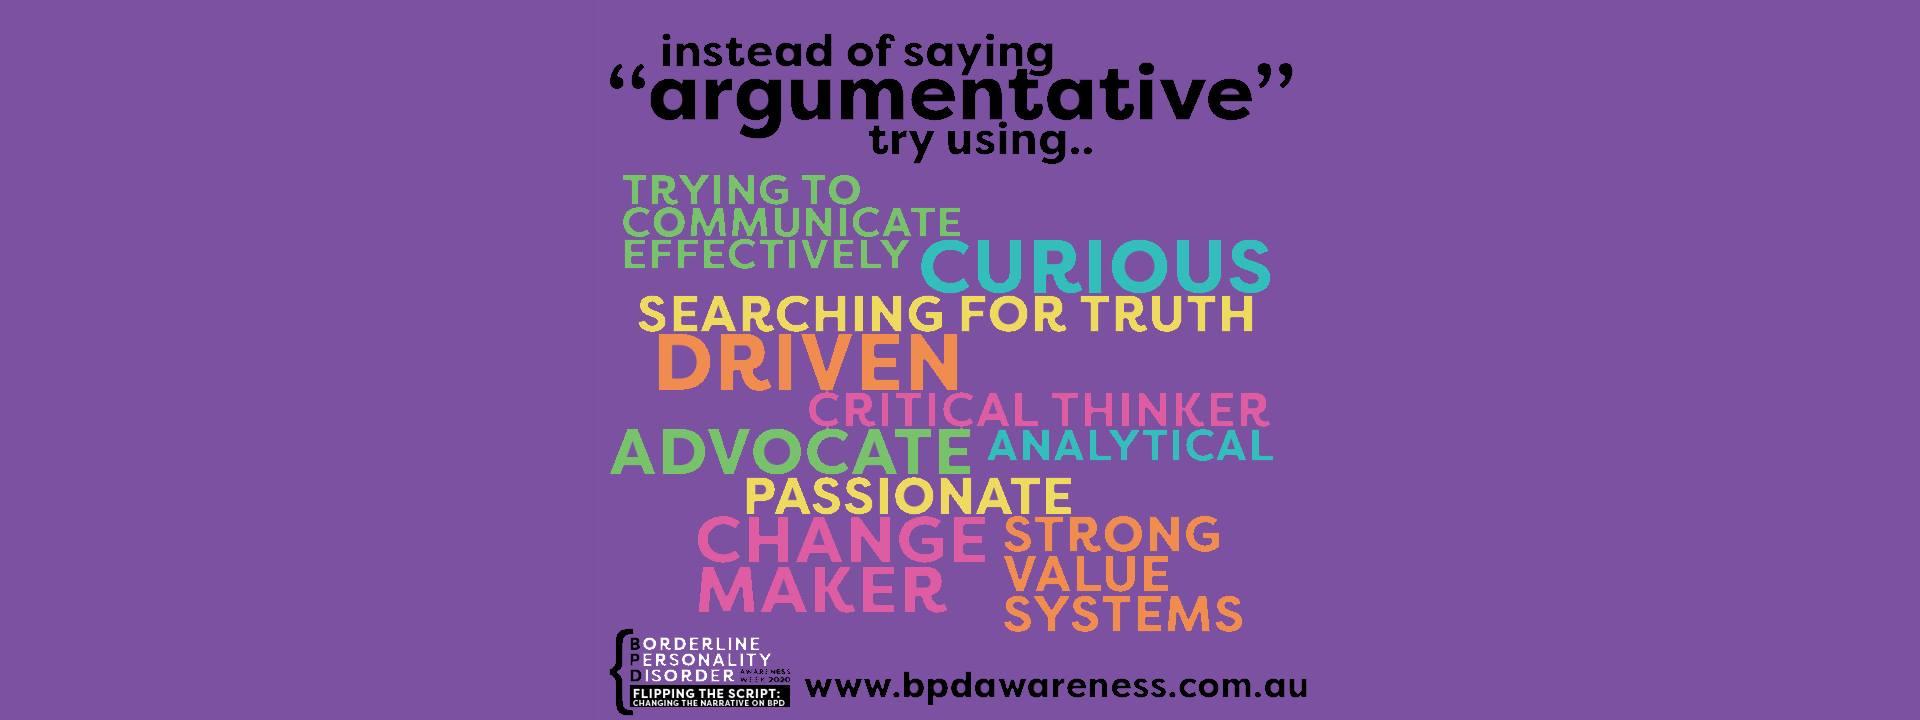 BPD Awareness Week - Not Argumentative